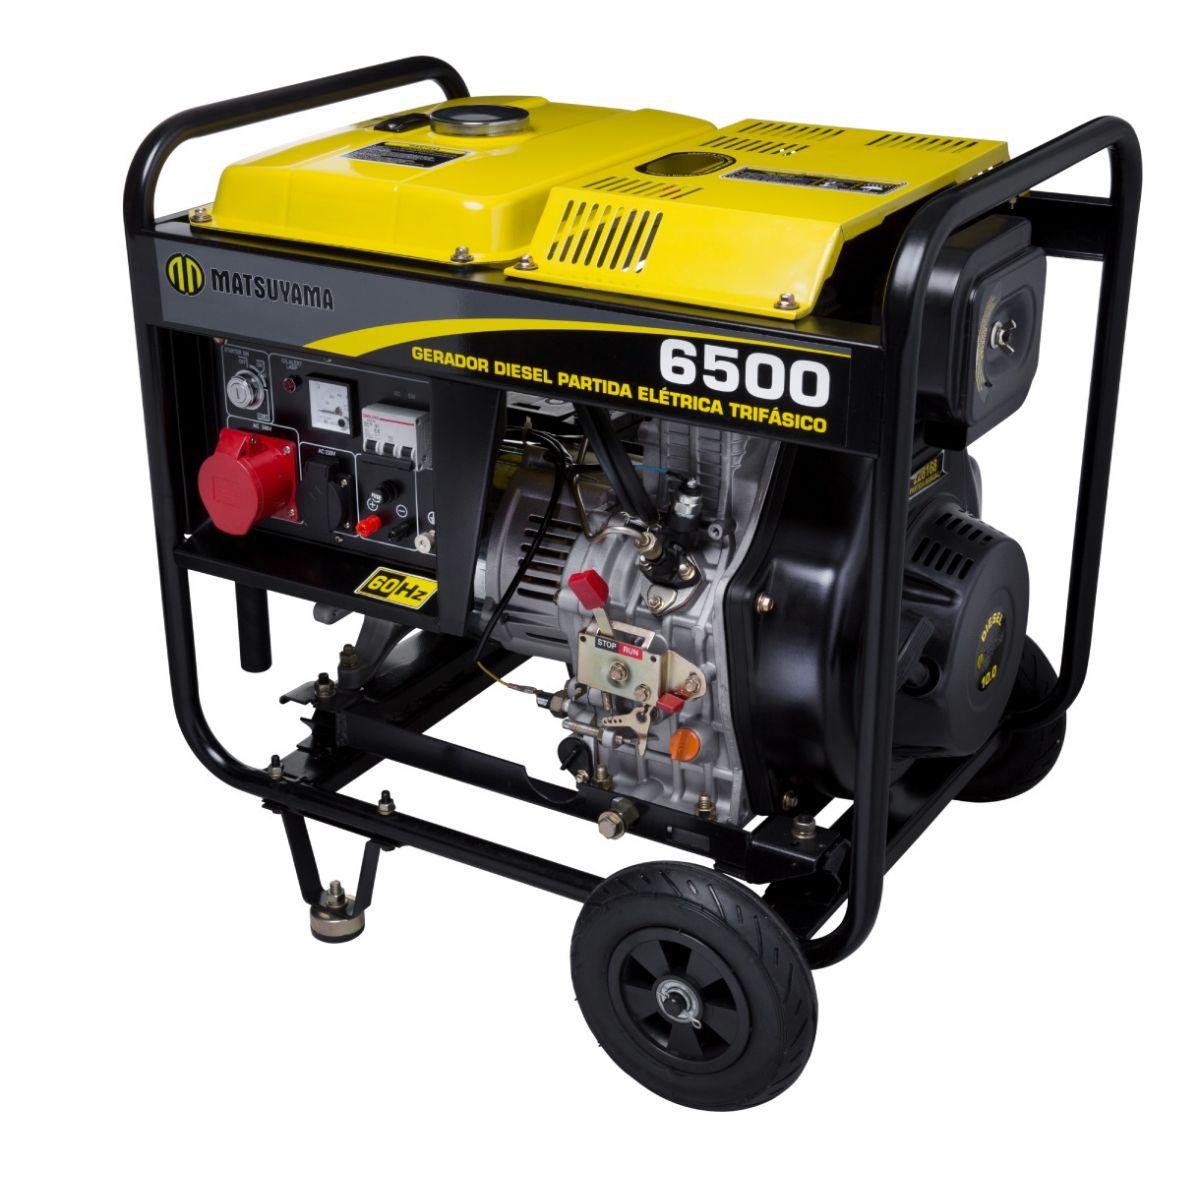 Gerador 6500 Diesel Trifásico 220V Partida Elétrica Matsuyama